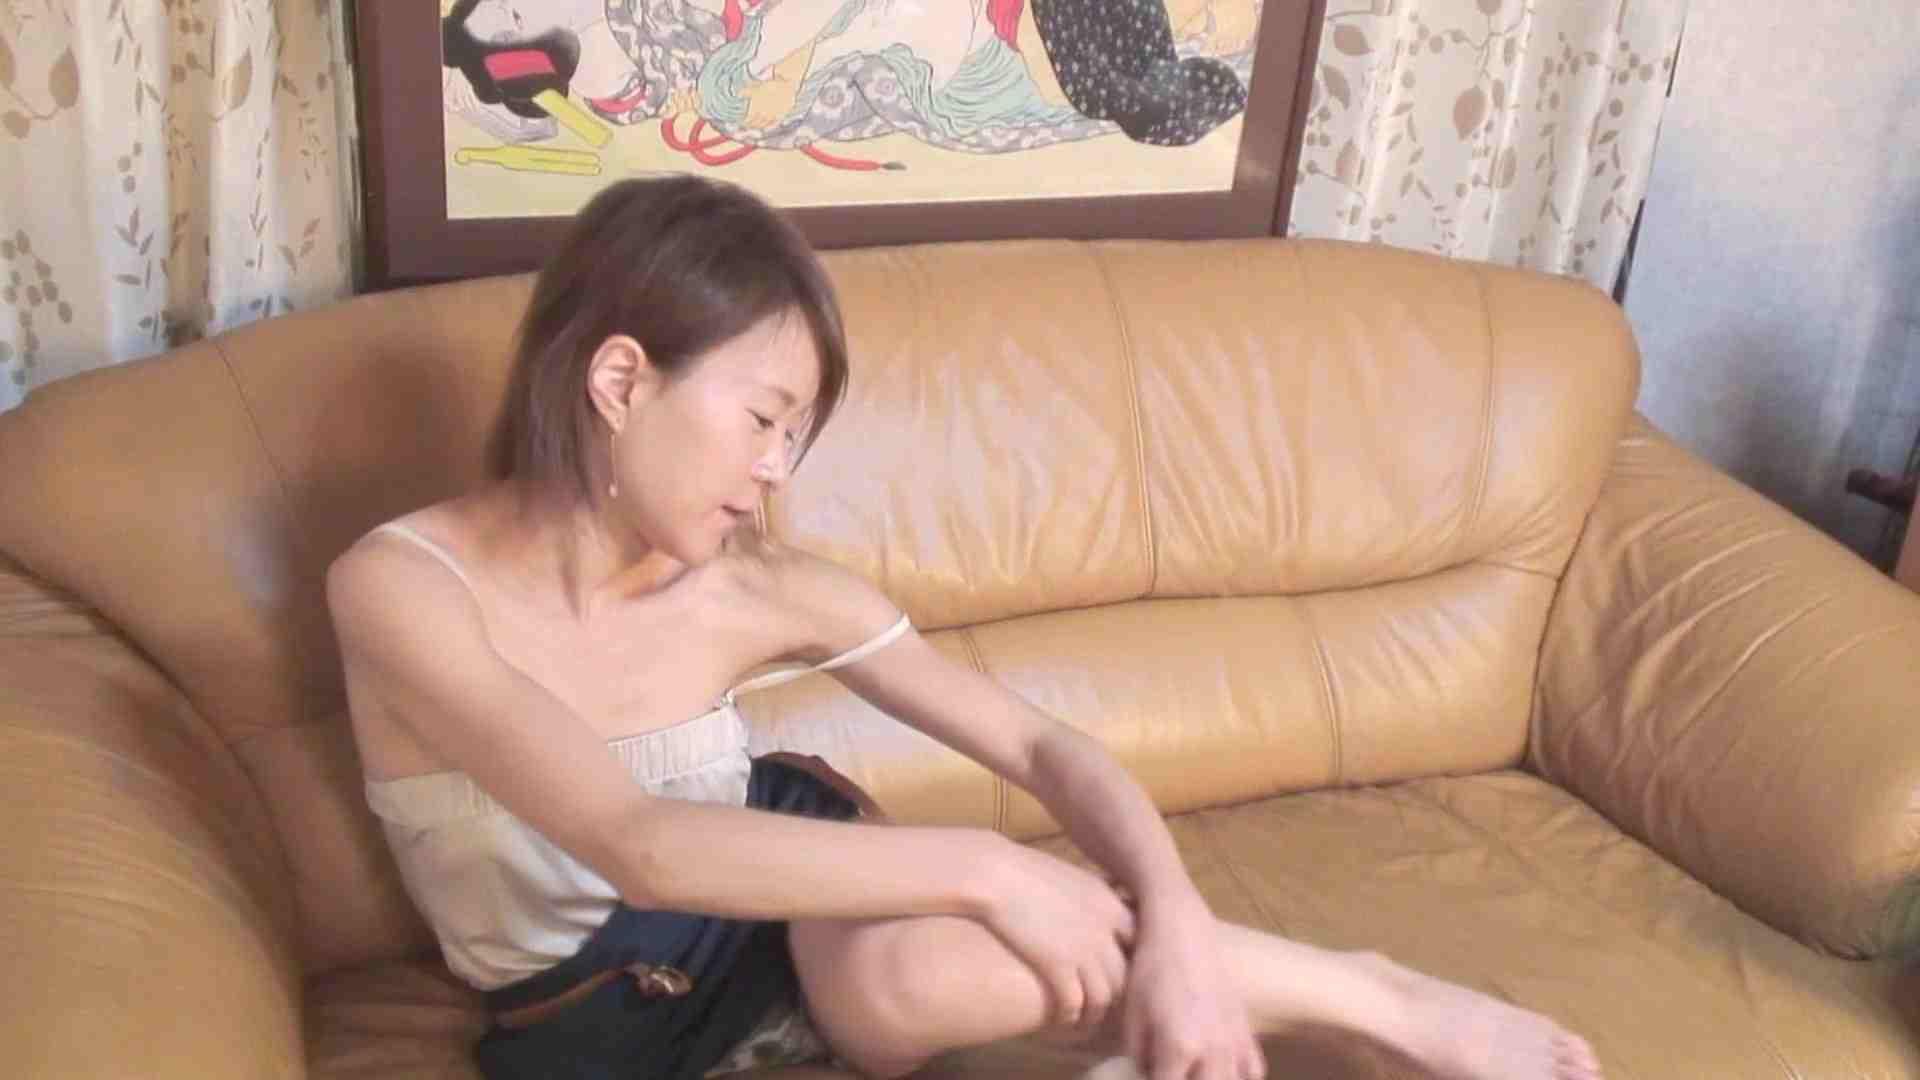 鬼才沖本監督作品 フェラしか出来ない女 アナル  46Pix 20